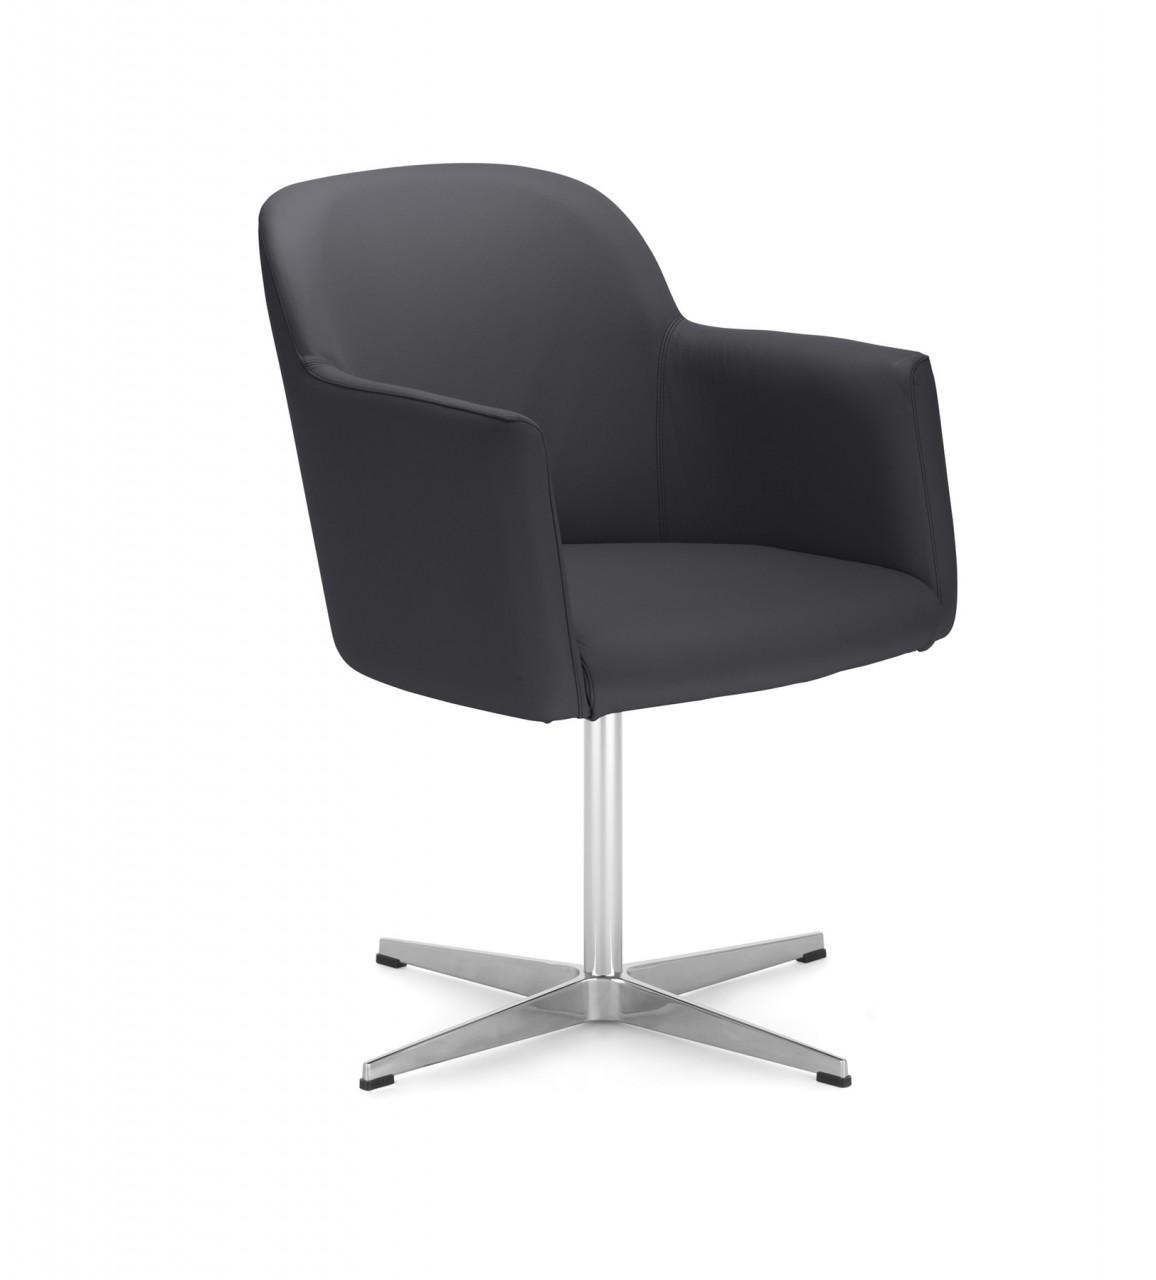 fauteuil d 39 accueil athis noir achat fauteuils d 39 accueil canap s chaises salle d 39 attente. Black Bedroom Furniture Sets. Home Design Ideas